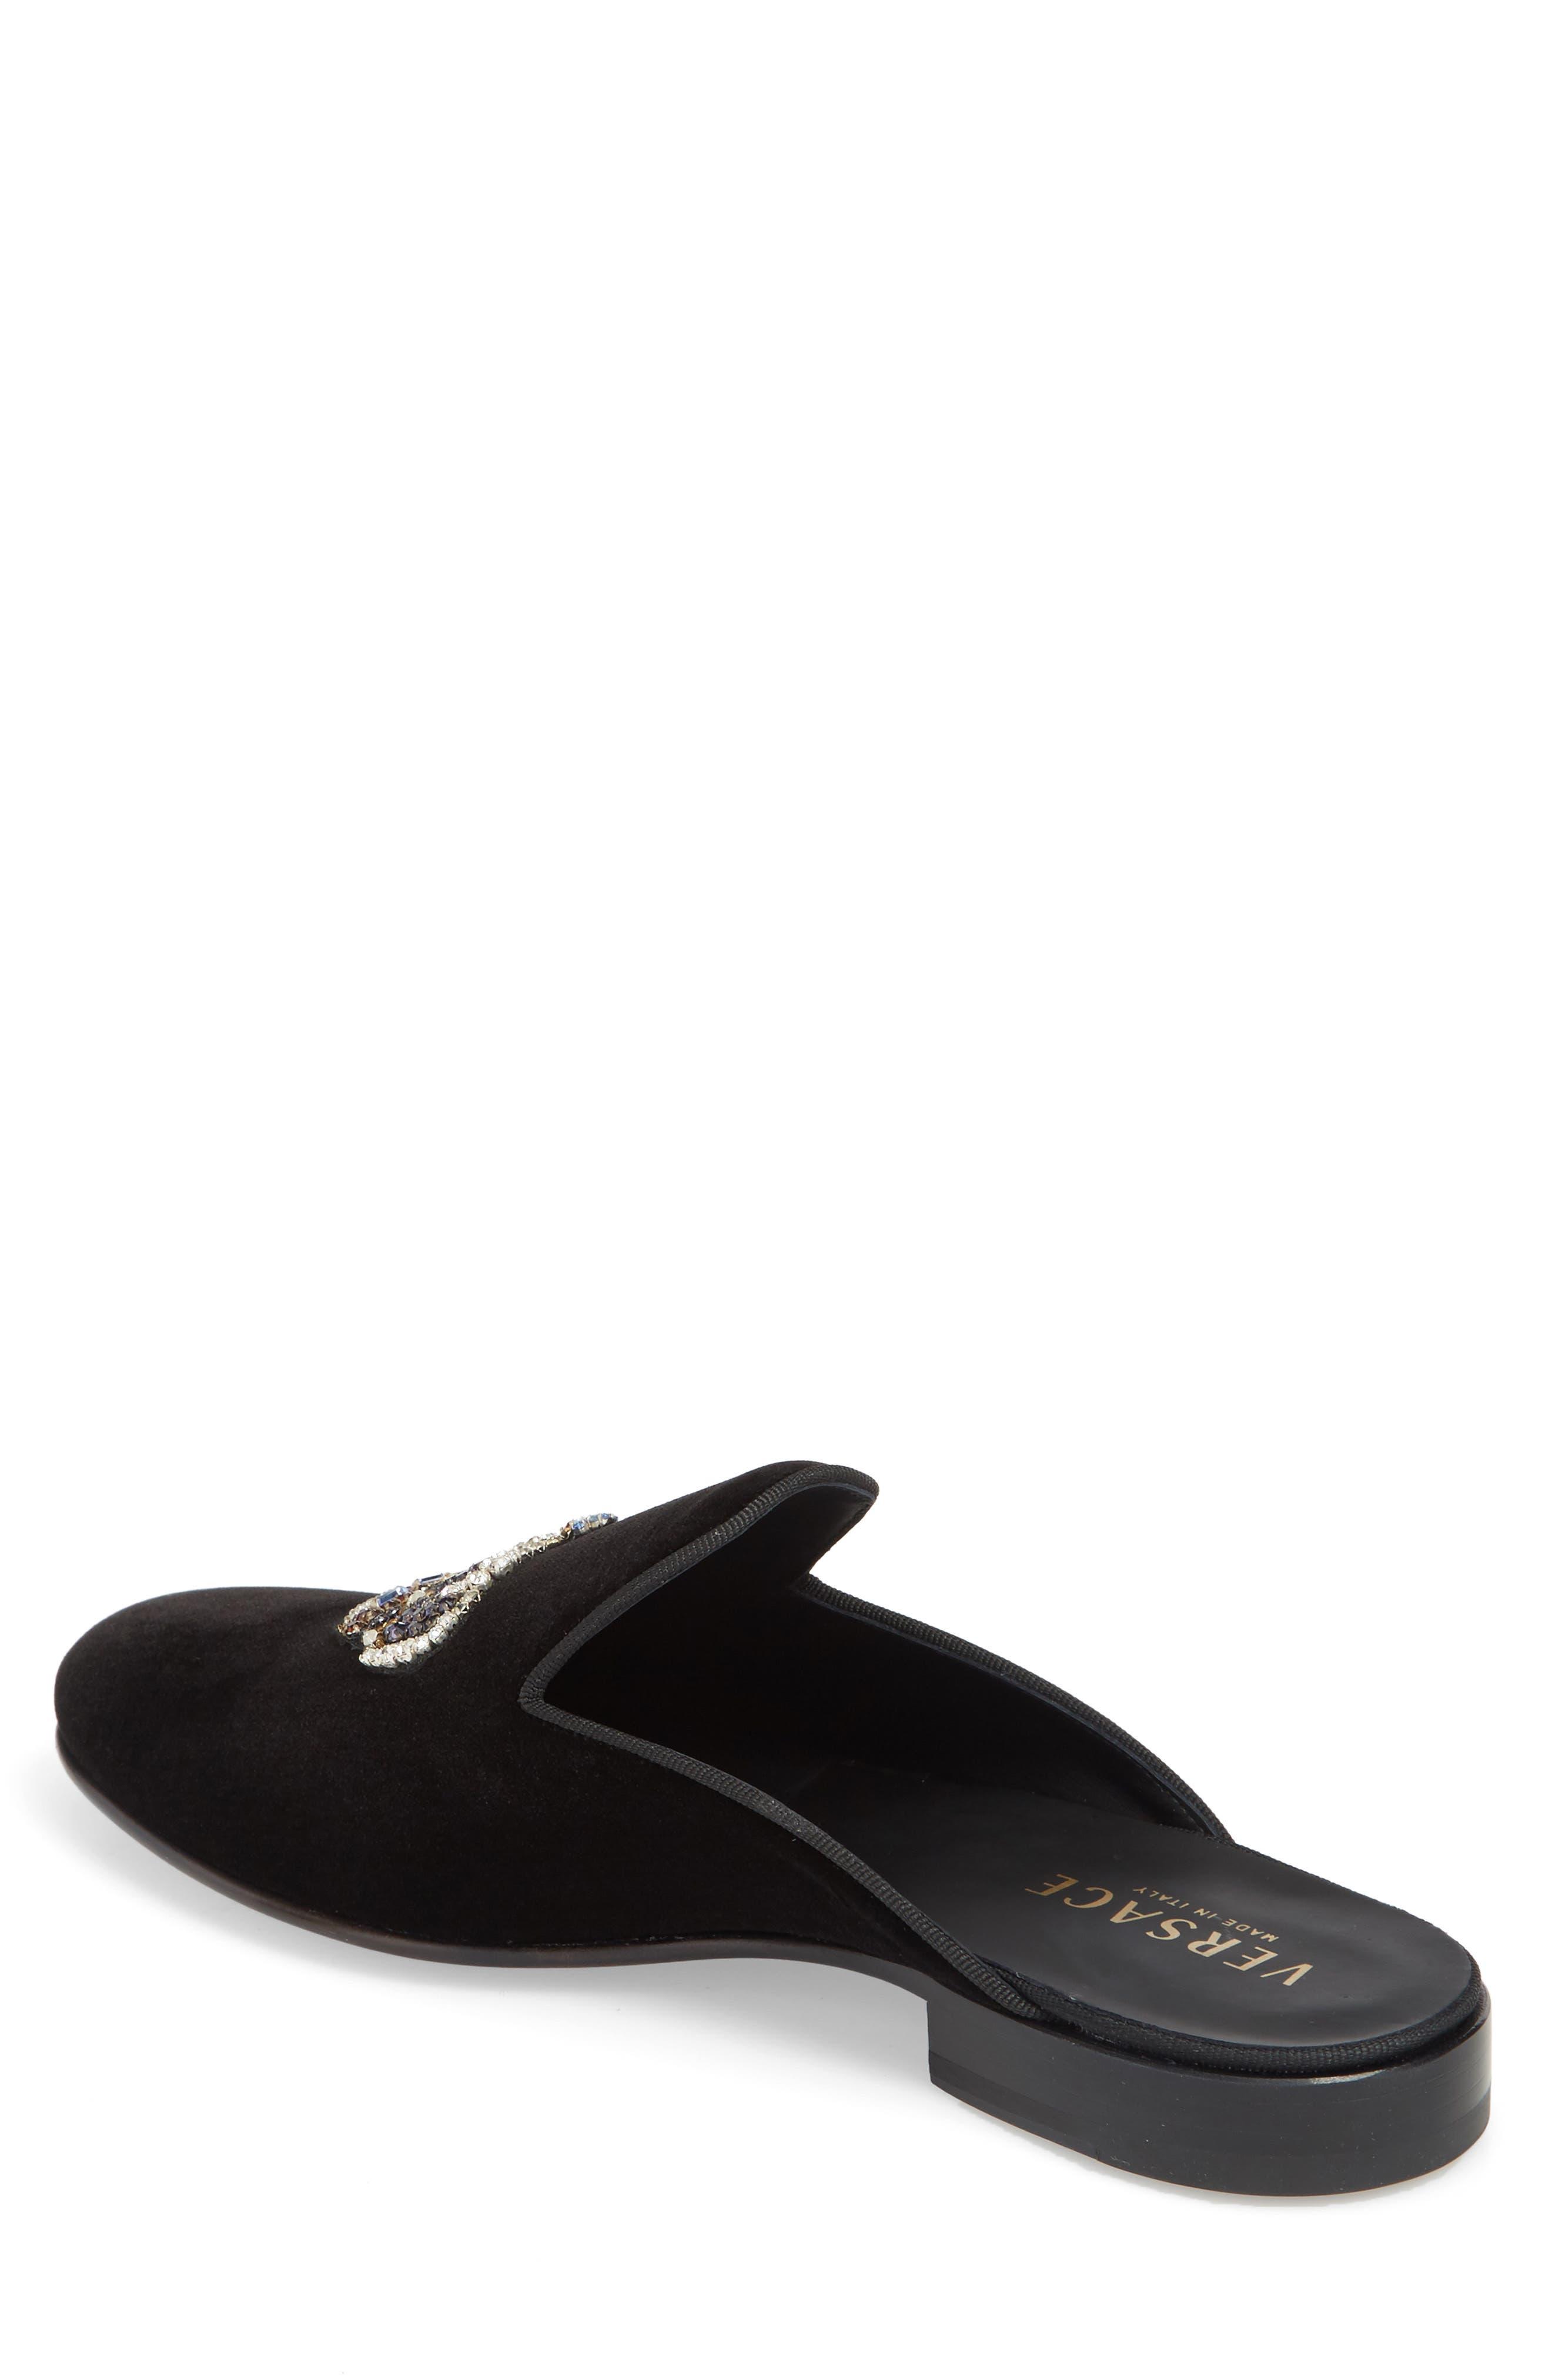 Gianni Embellished Crown Loafer Mule,                             Alternate thumbnail 2, color,                             Black Warm Gold